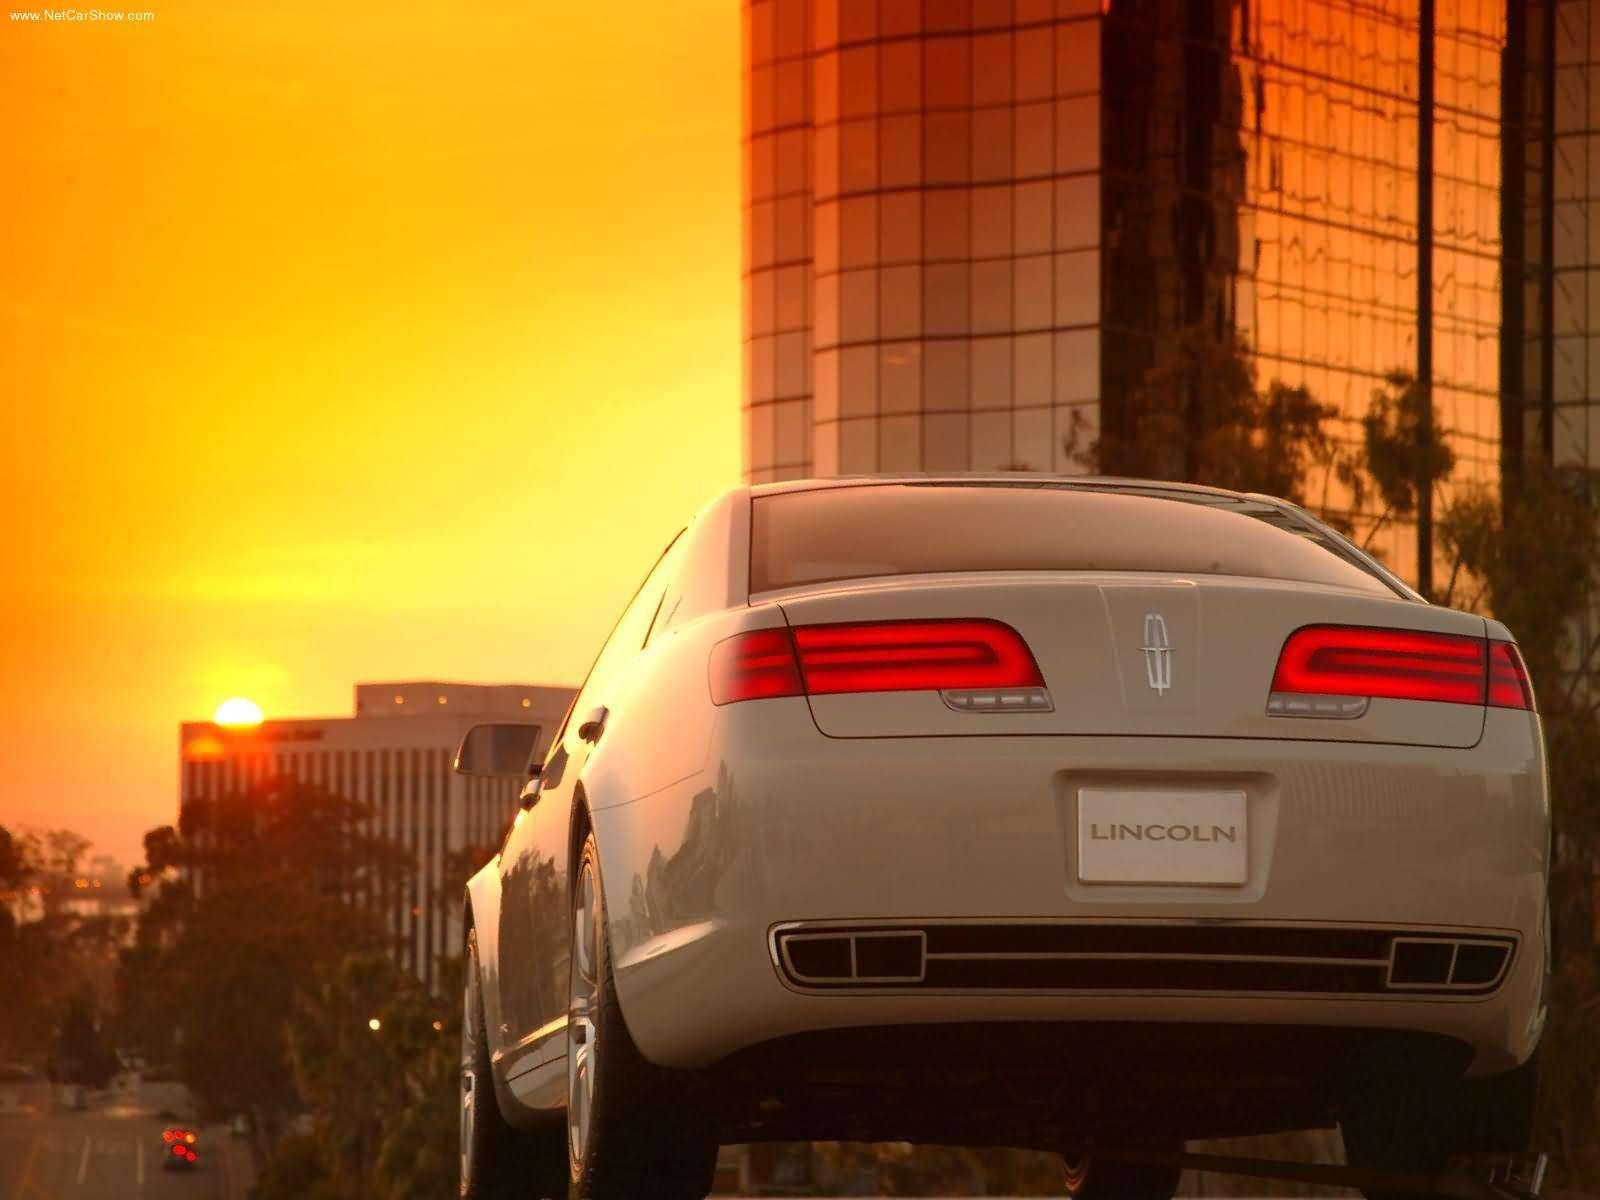 Hình ảnh xe ô tô Lincoln Zephyr 2006 & nội ngoại thất